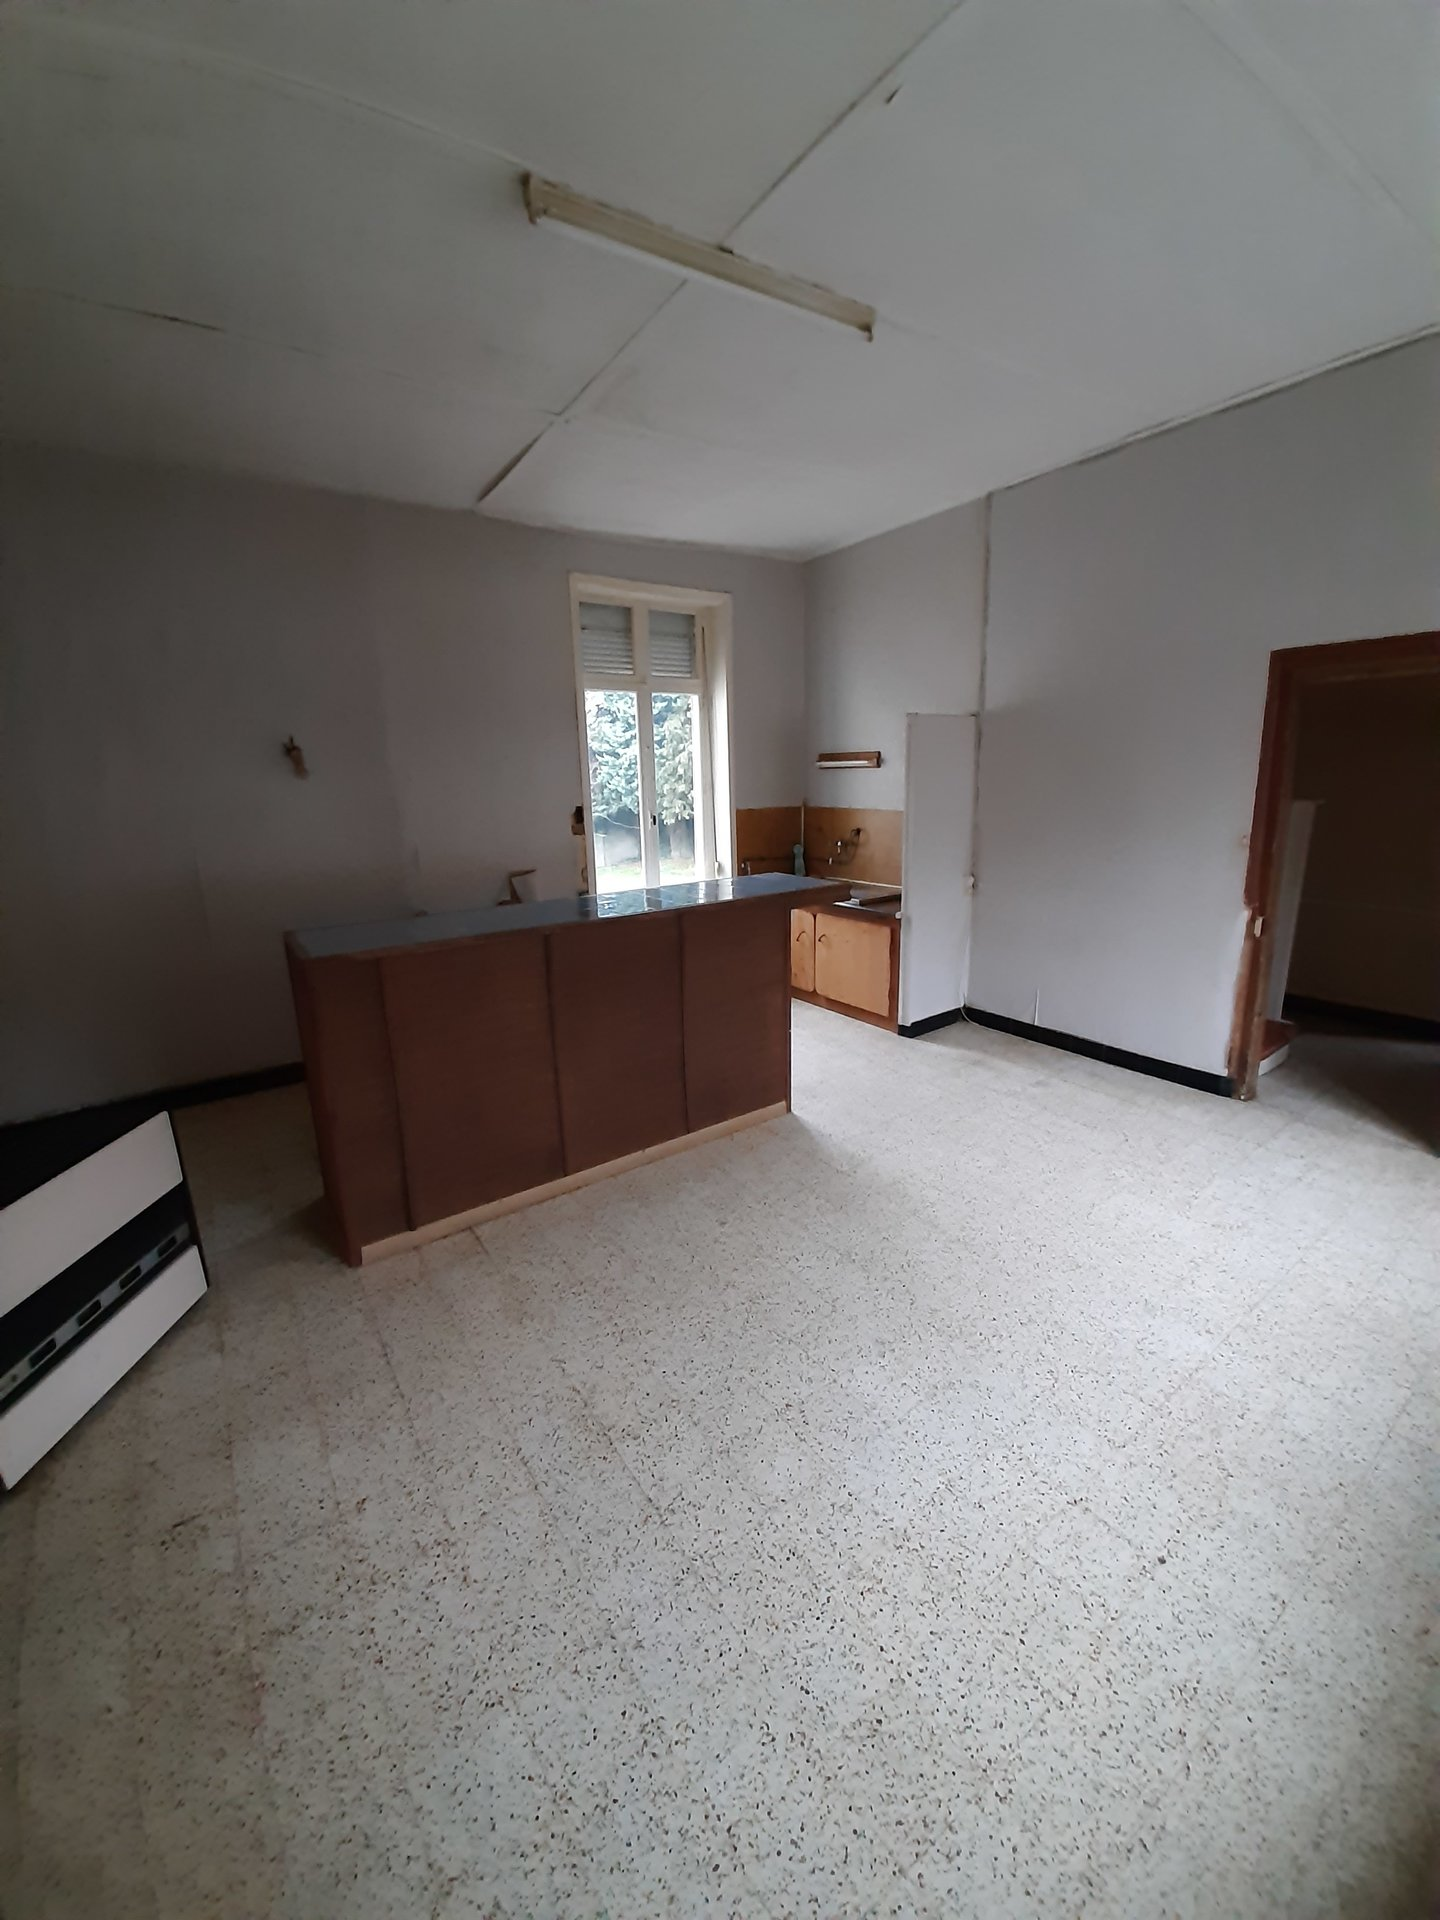 Habitation avec possibilité de local commercial